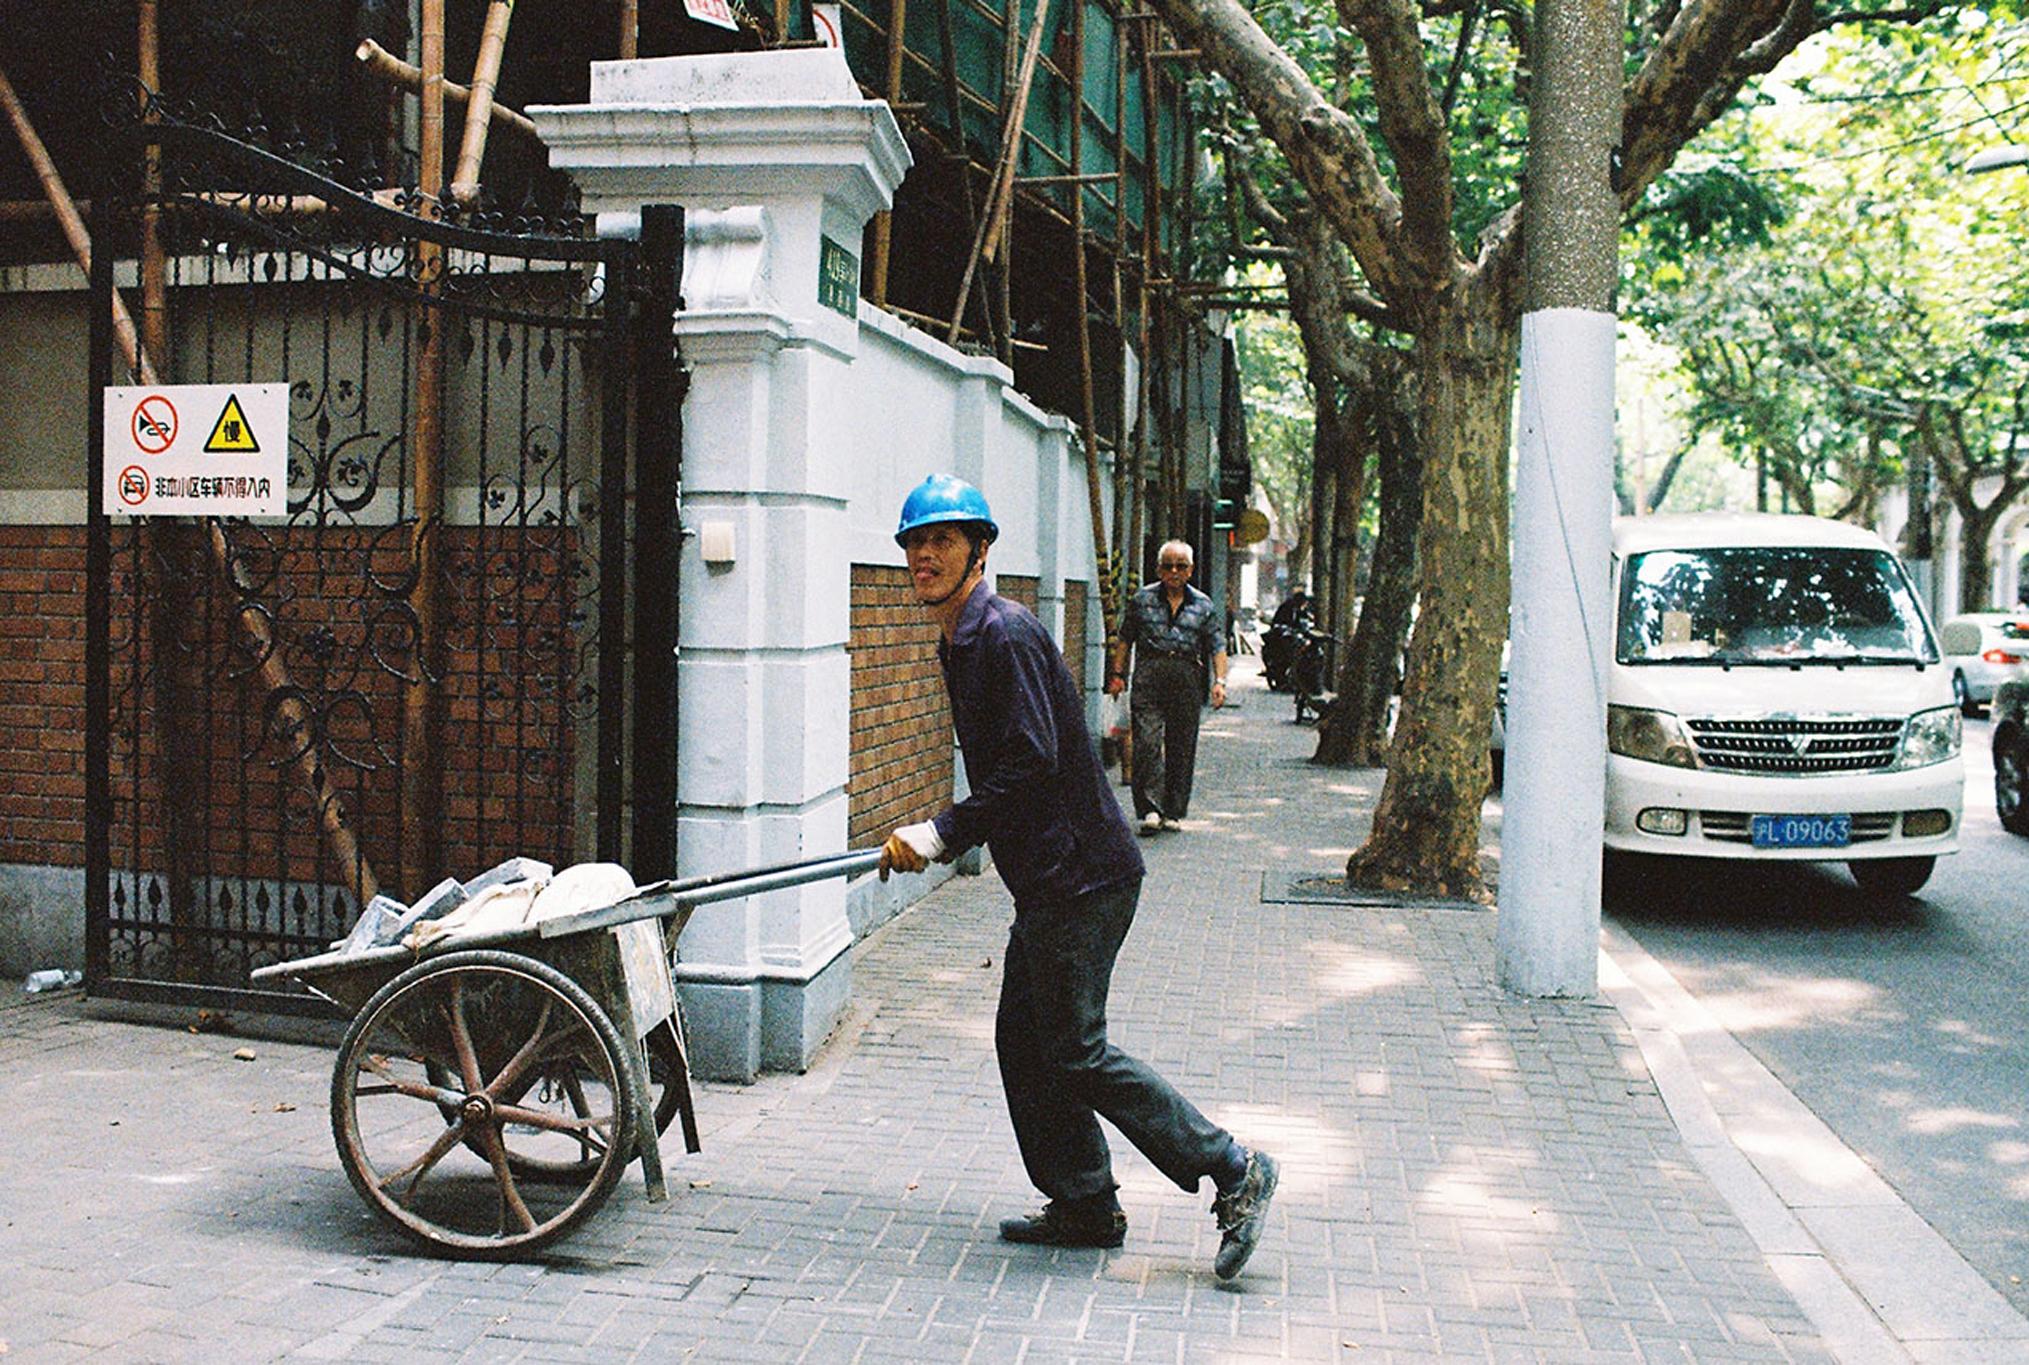 Shanghai Seleção _ Film 35mm_000023 copy.jpg